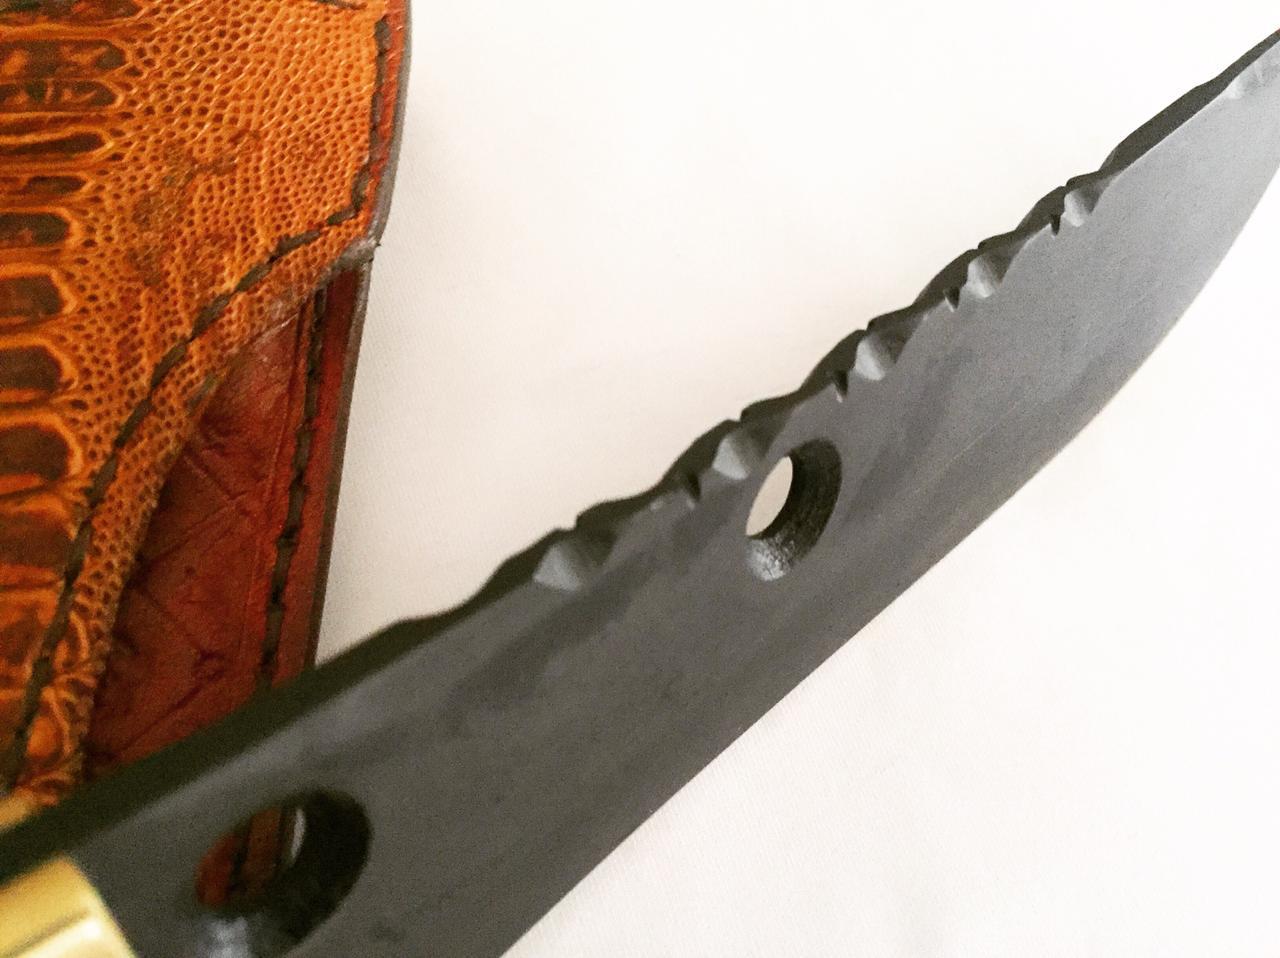 Faca artesanal coleção tucunaré savage fish 08 polegadas  templo das facas